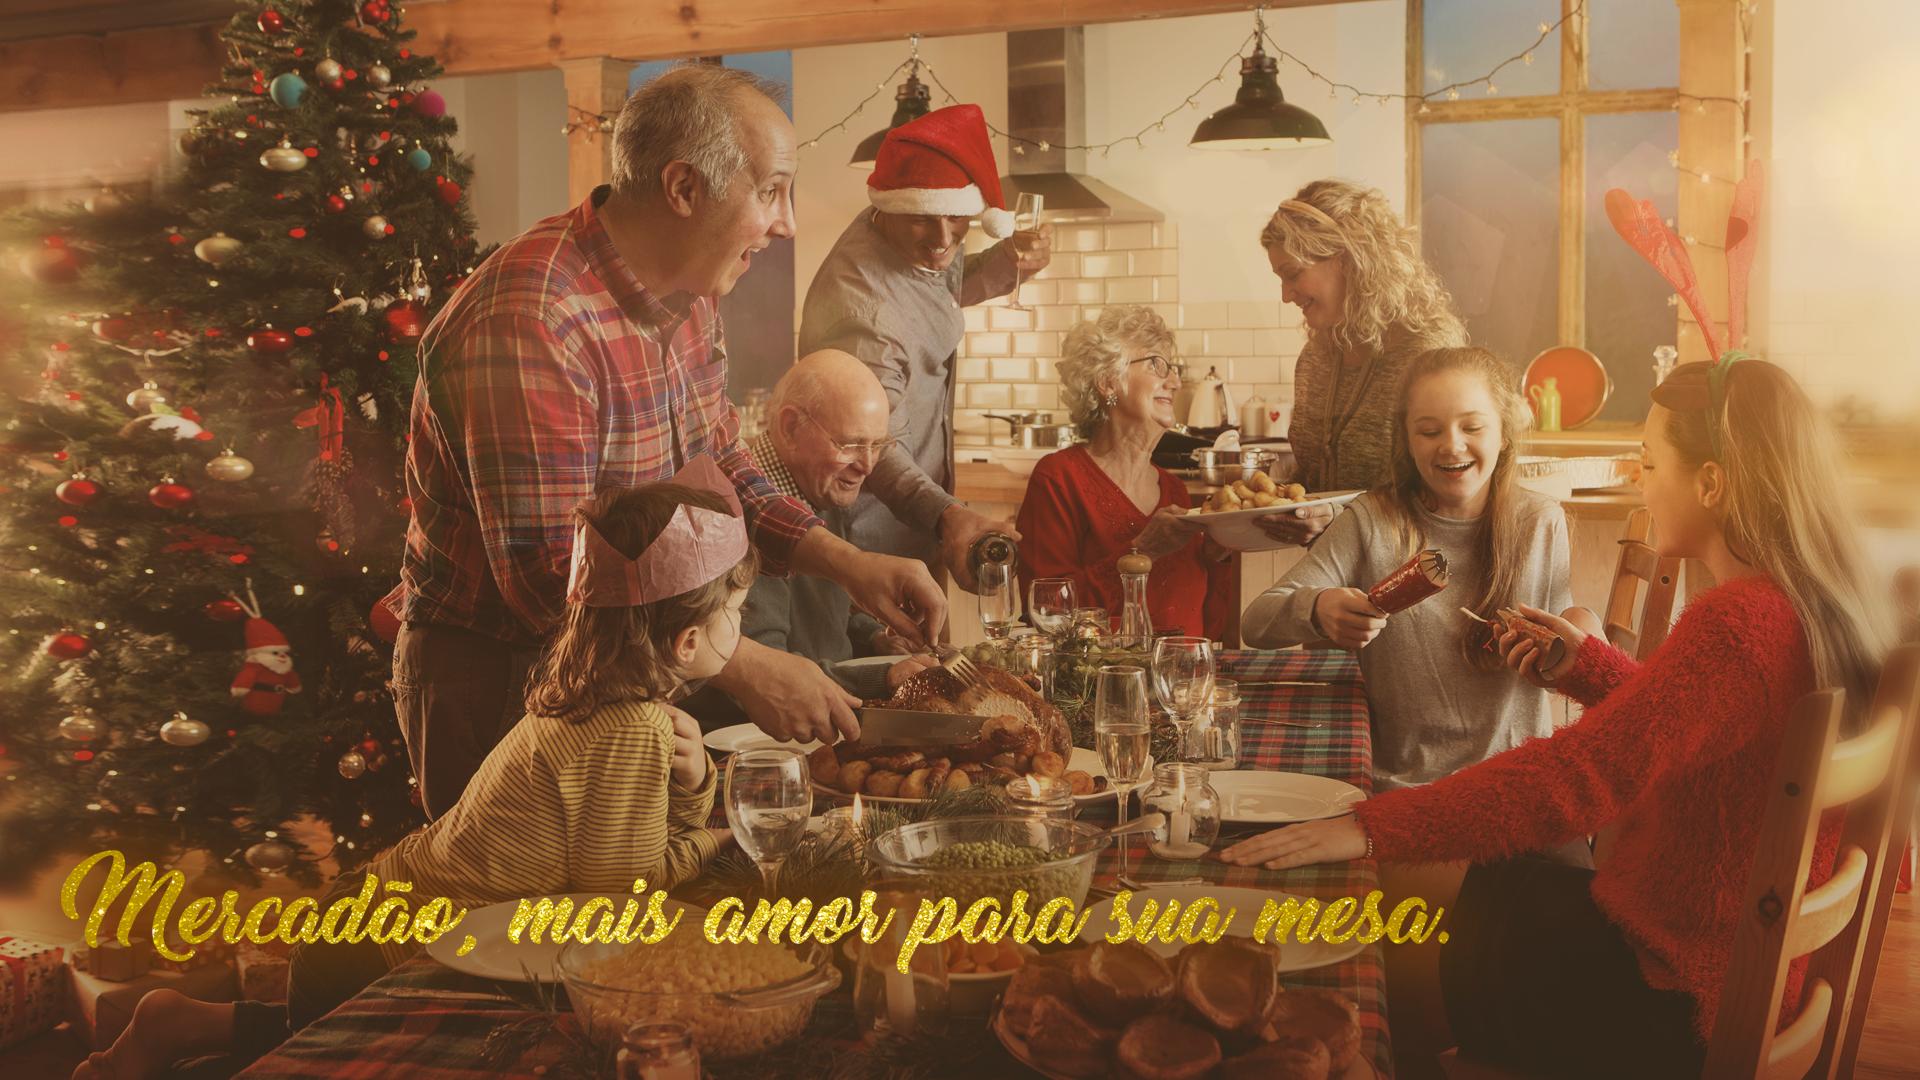 Na imagem, a campanha de Natal do Mercadão para o ano de 2017, Mais amor para sua mesa.